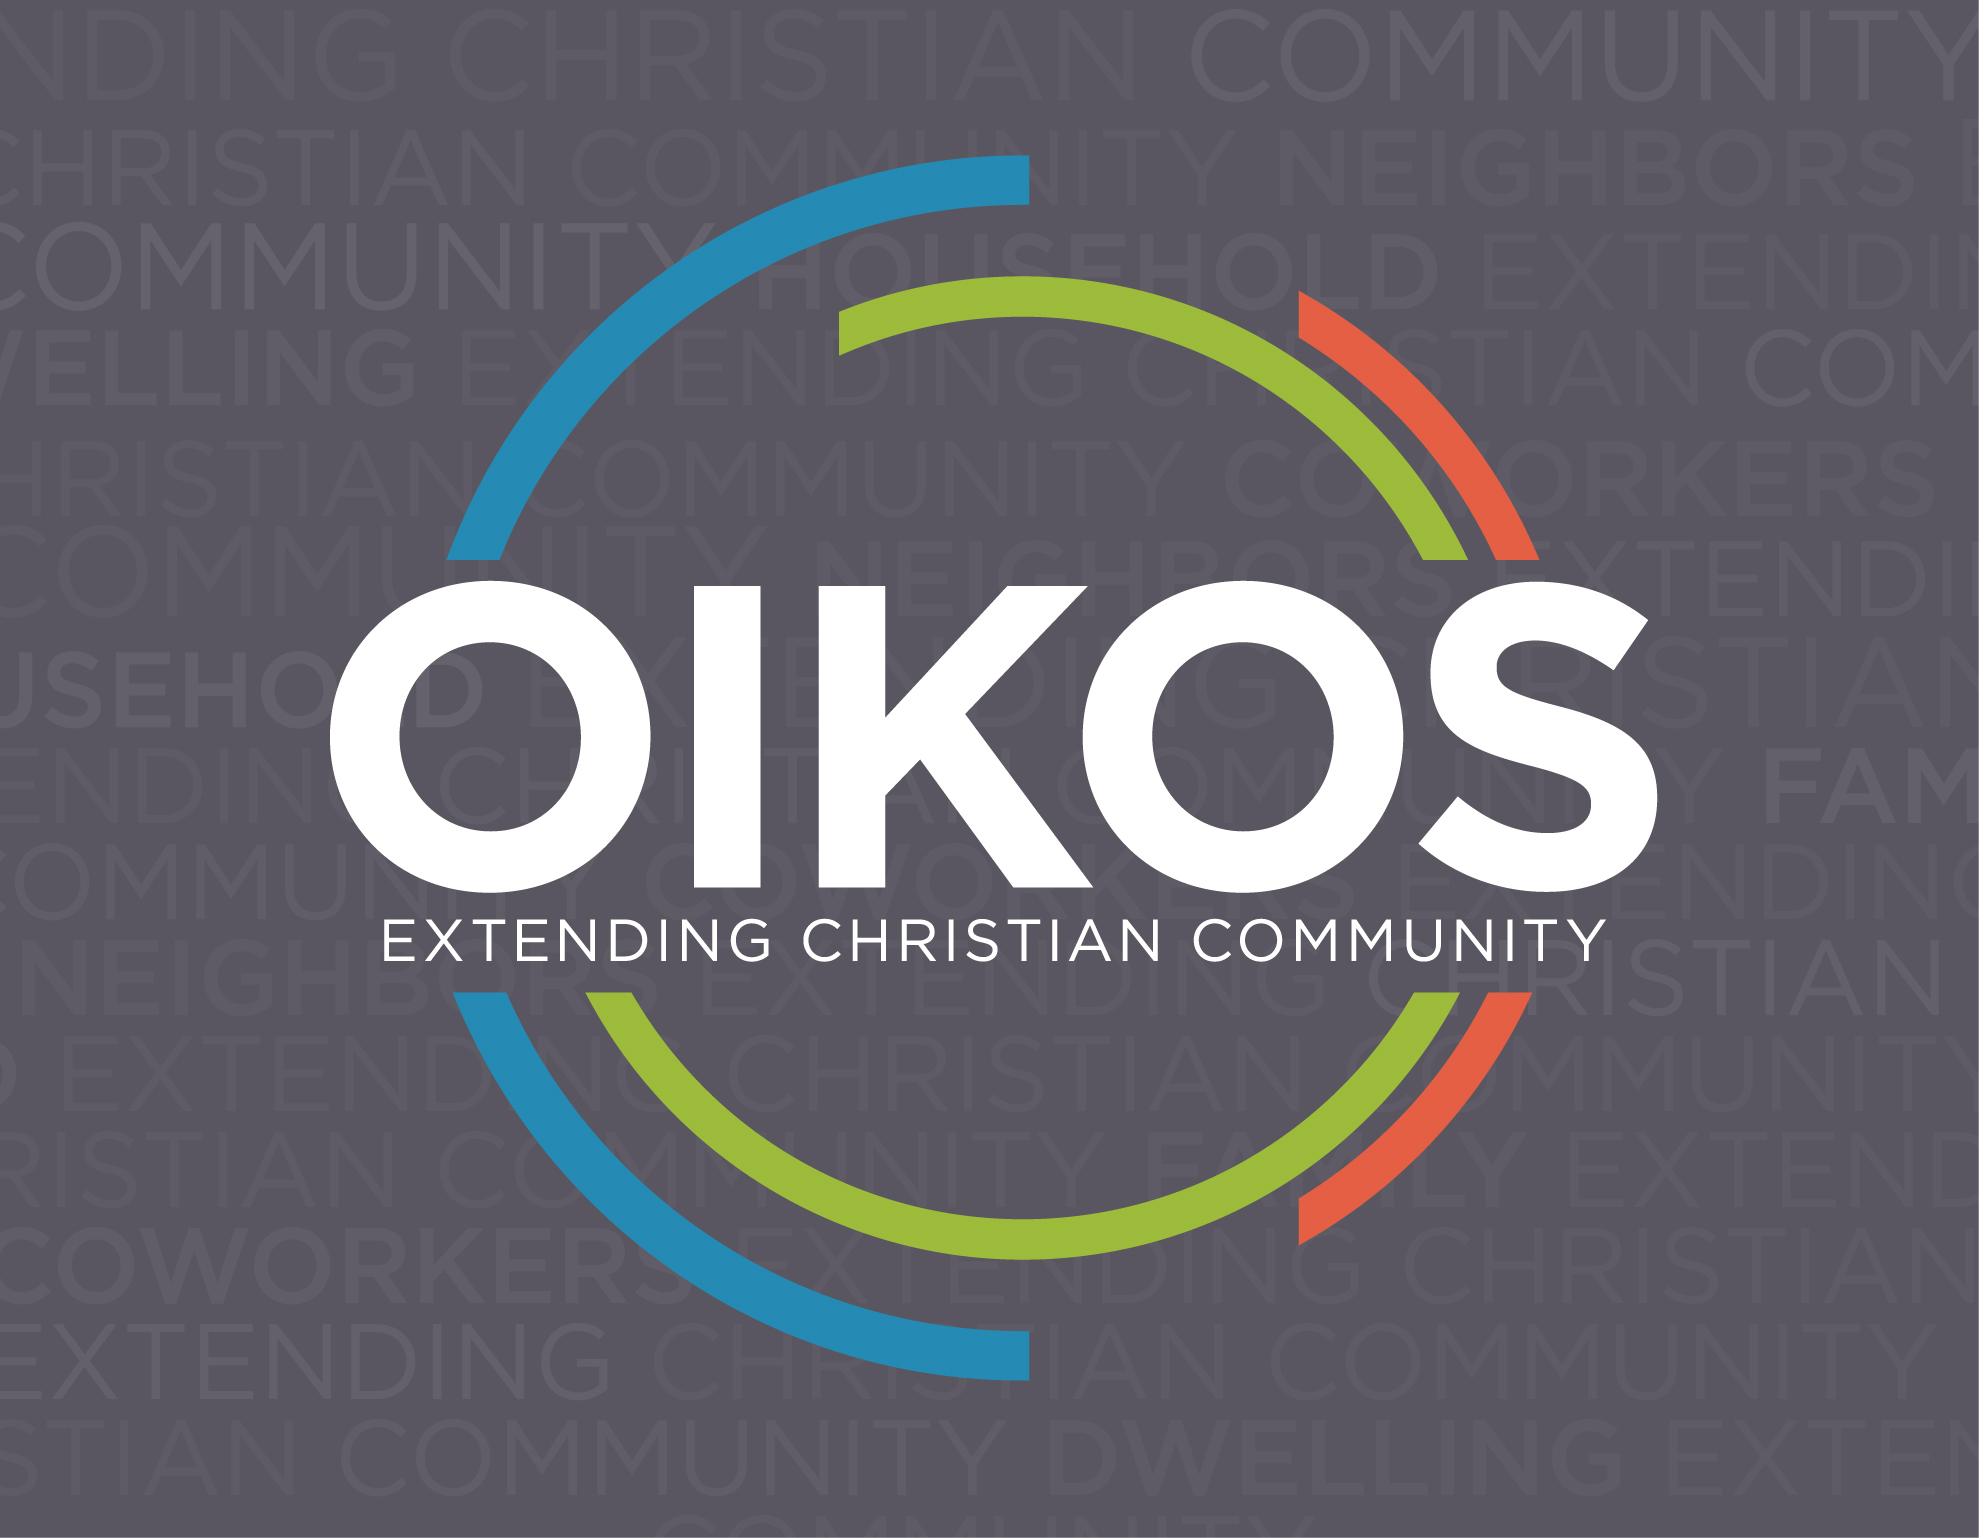 OIKOS-01.jpg